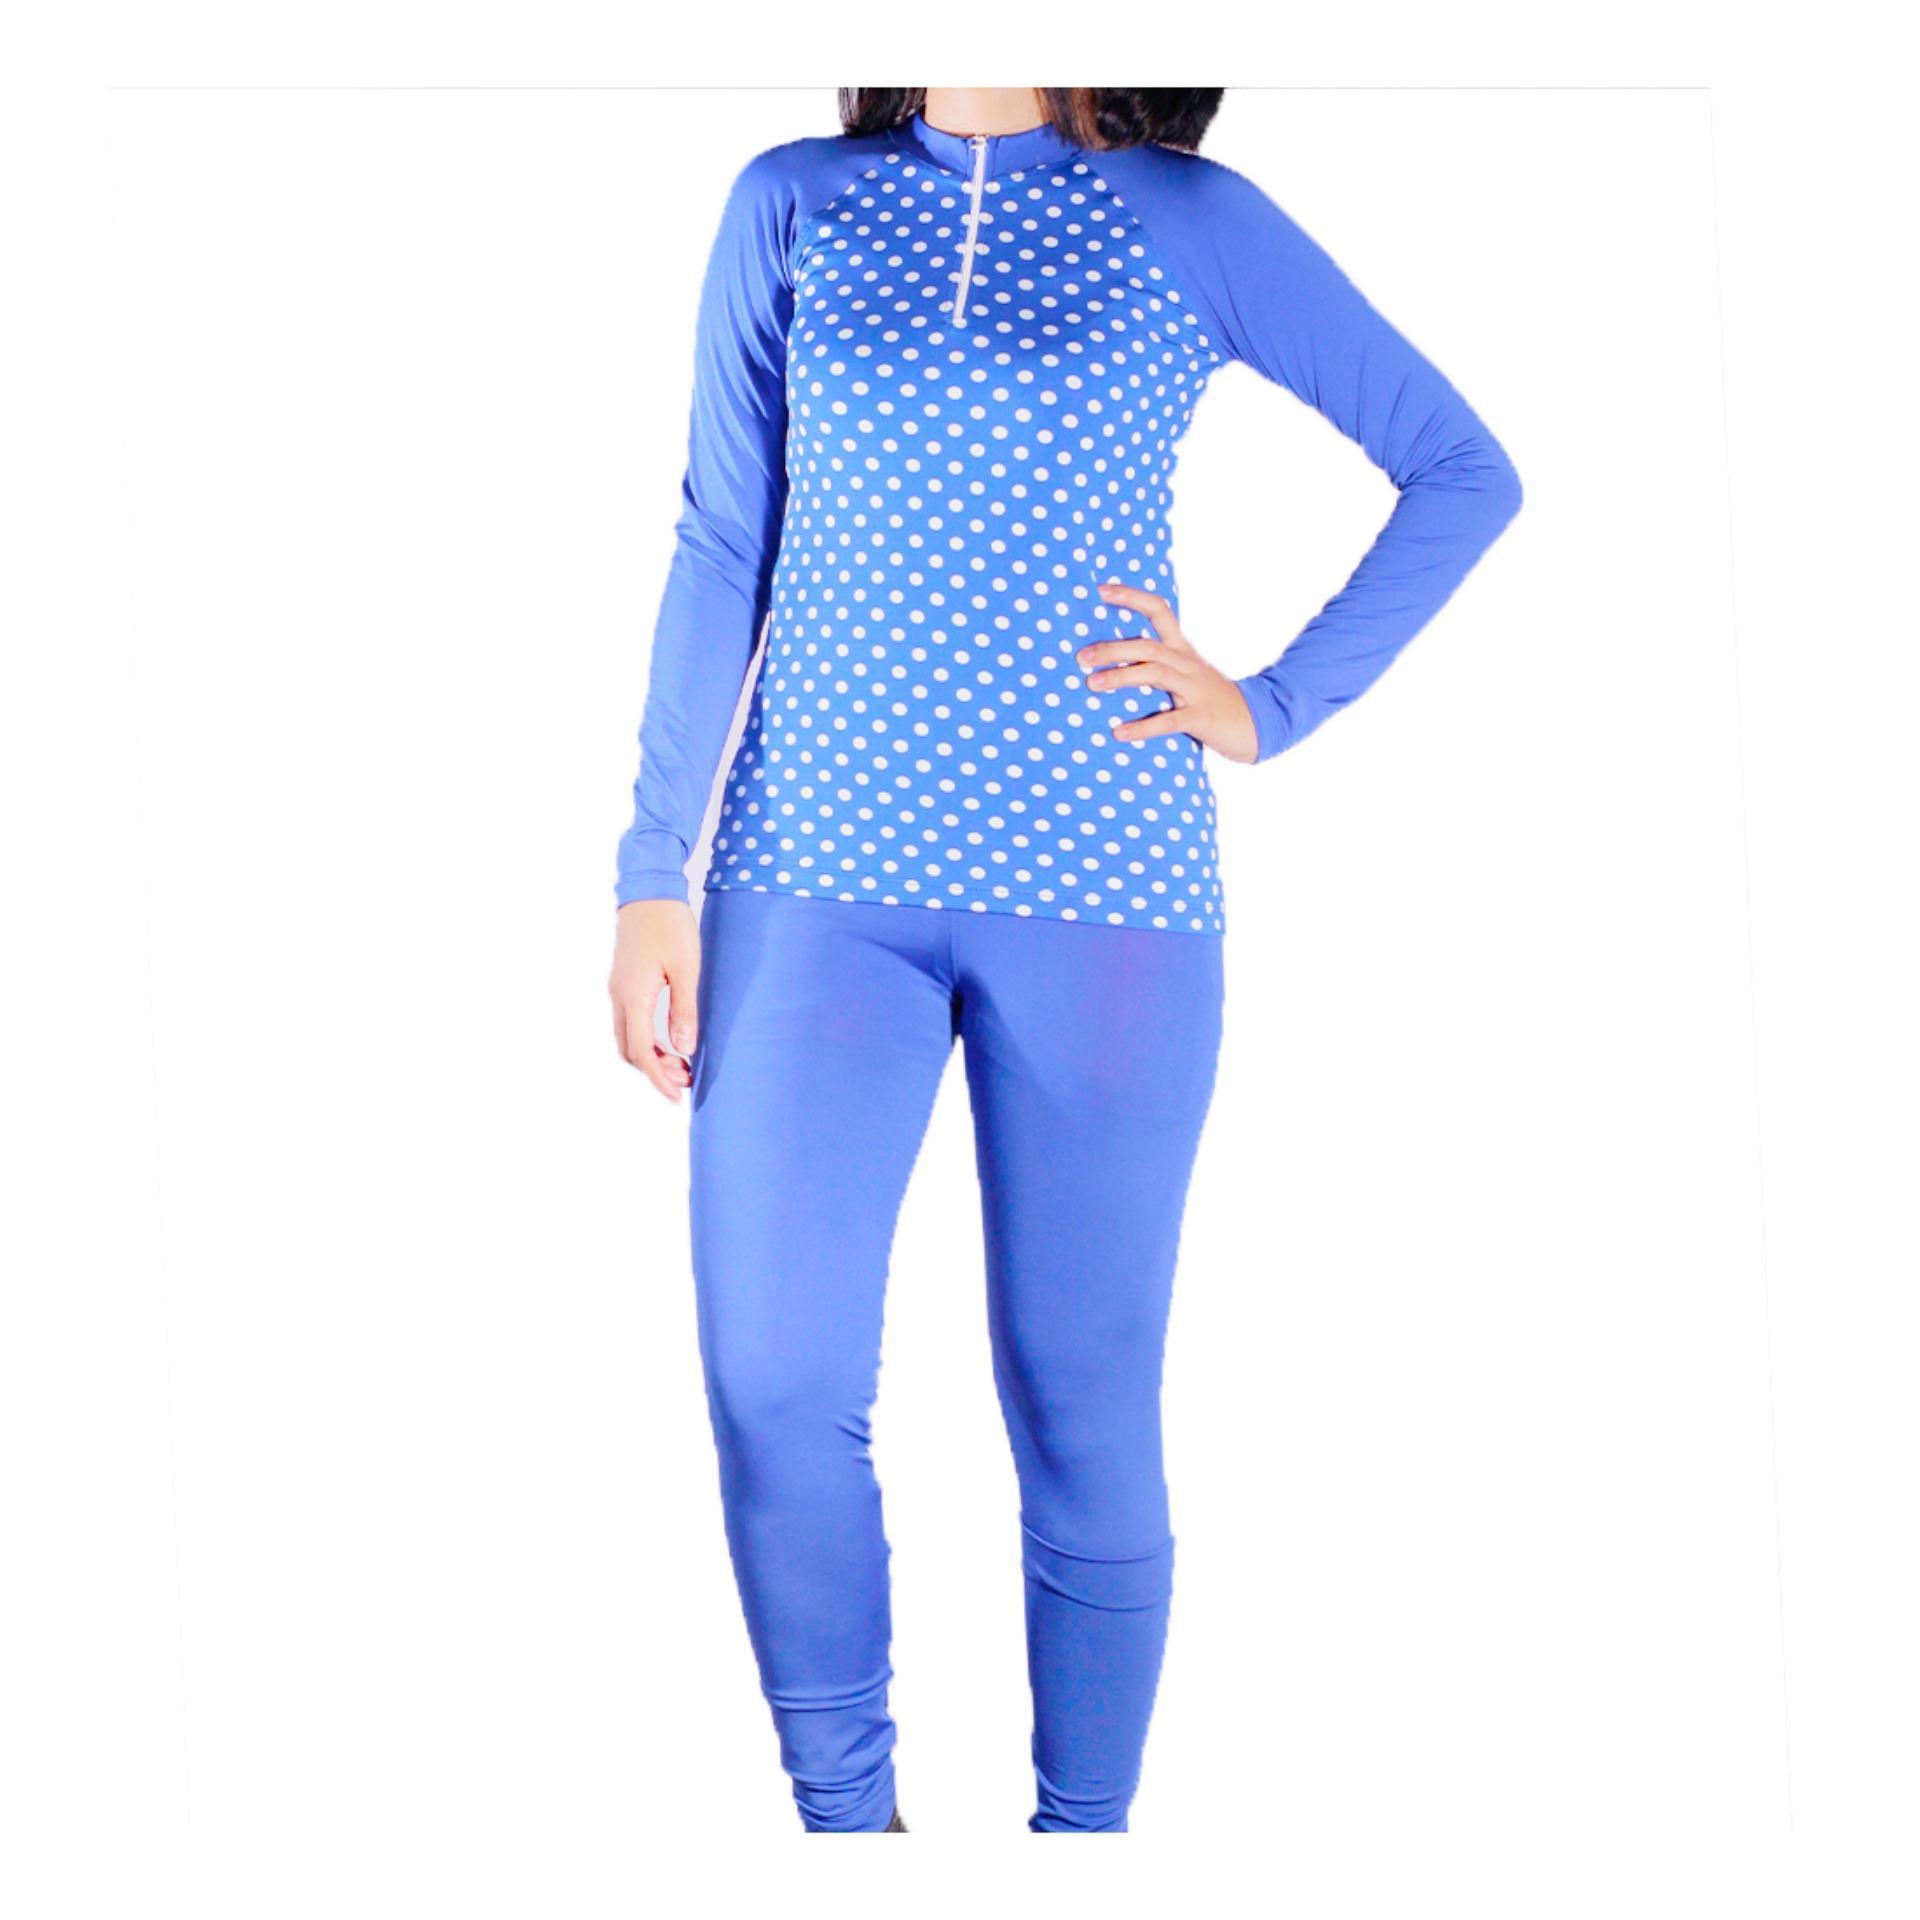 Mall BTM Fashion - Diana Baju Renang Atasan Dan Bawahan Panjang Motif Polkadot Harga Murah - Biru